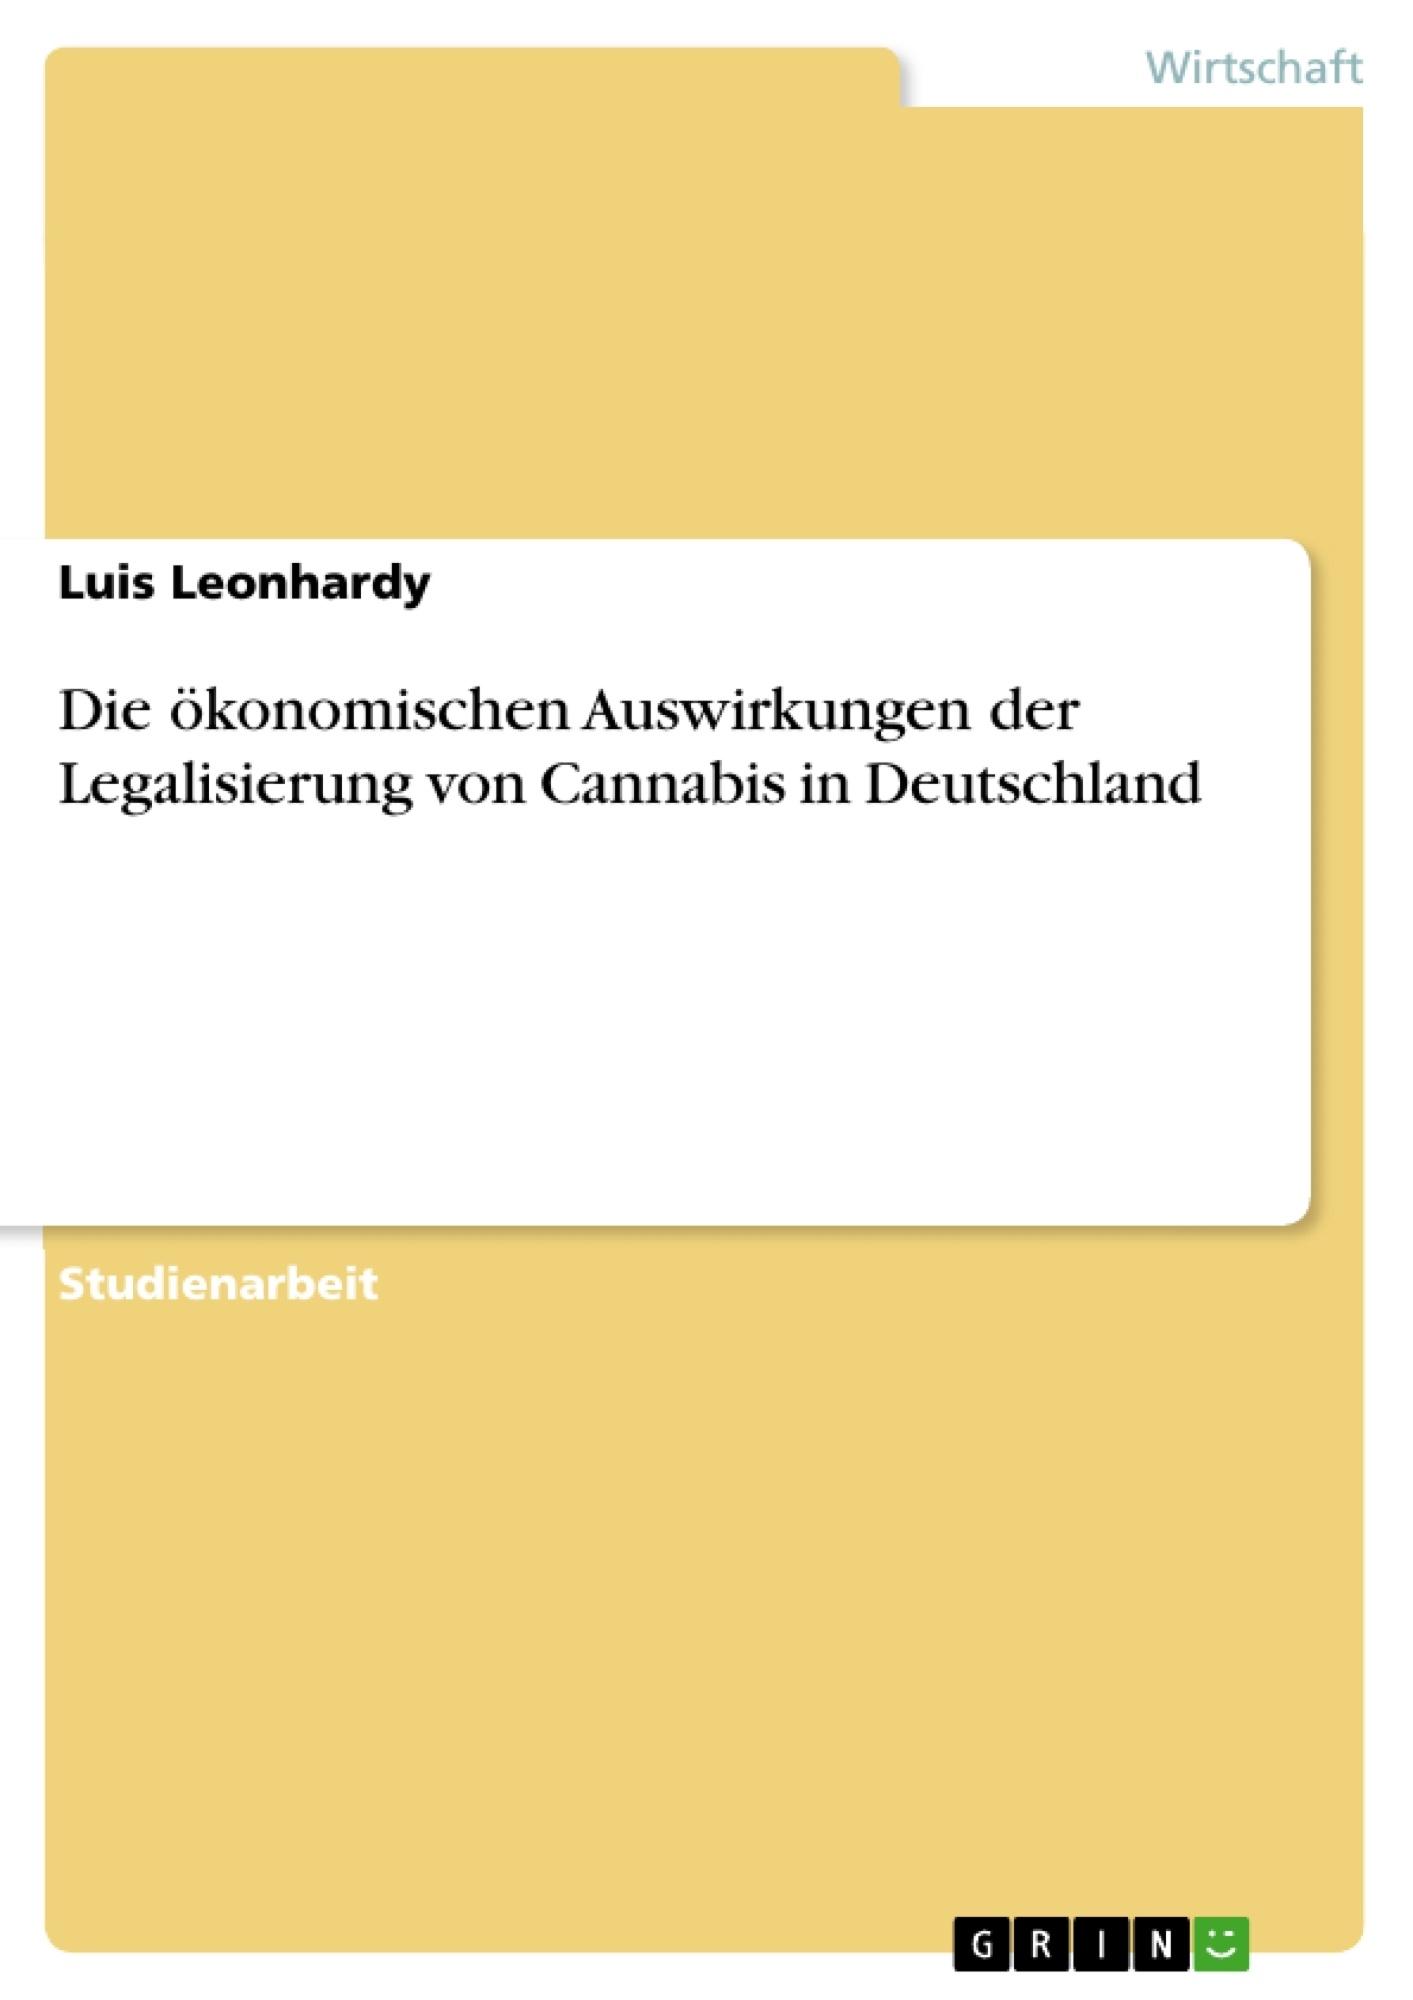 Titel: Die ökonomischen Auswirkungen der Legalisierung von Cannabis in Deutschland